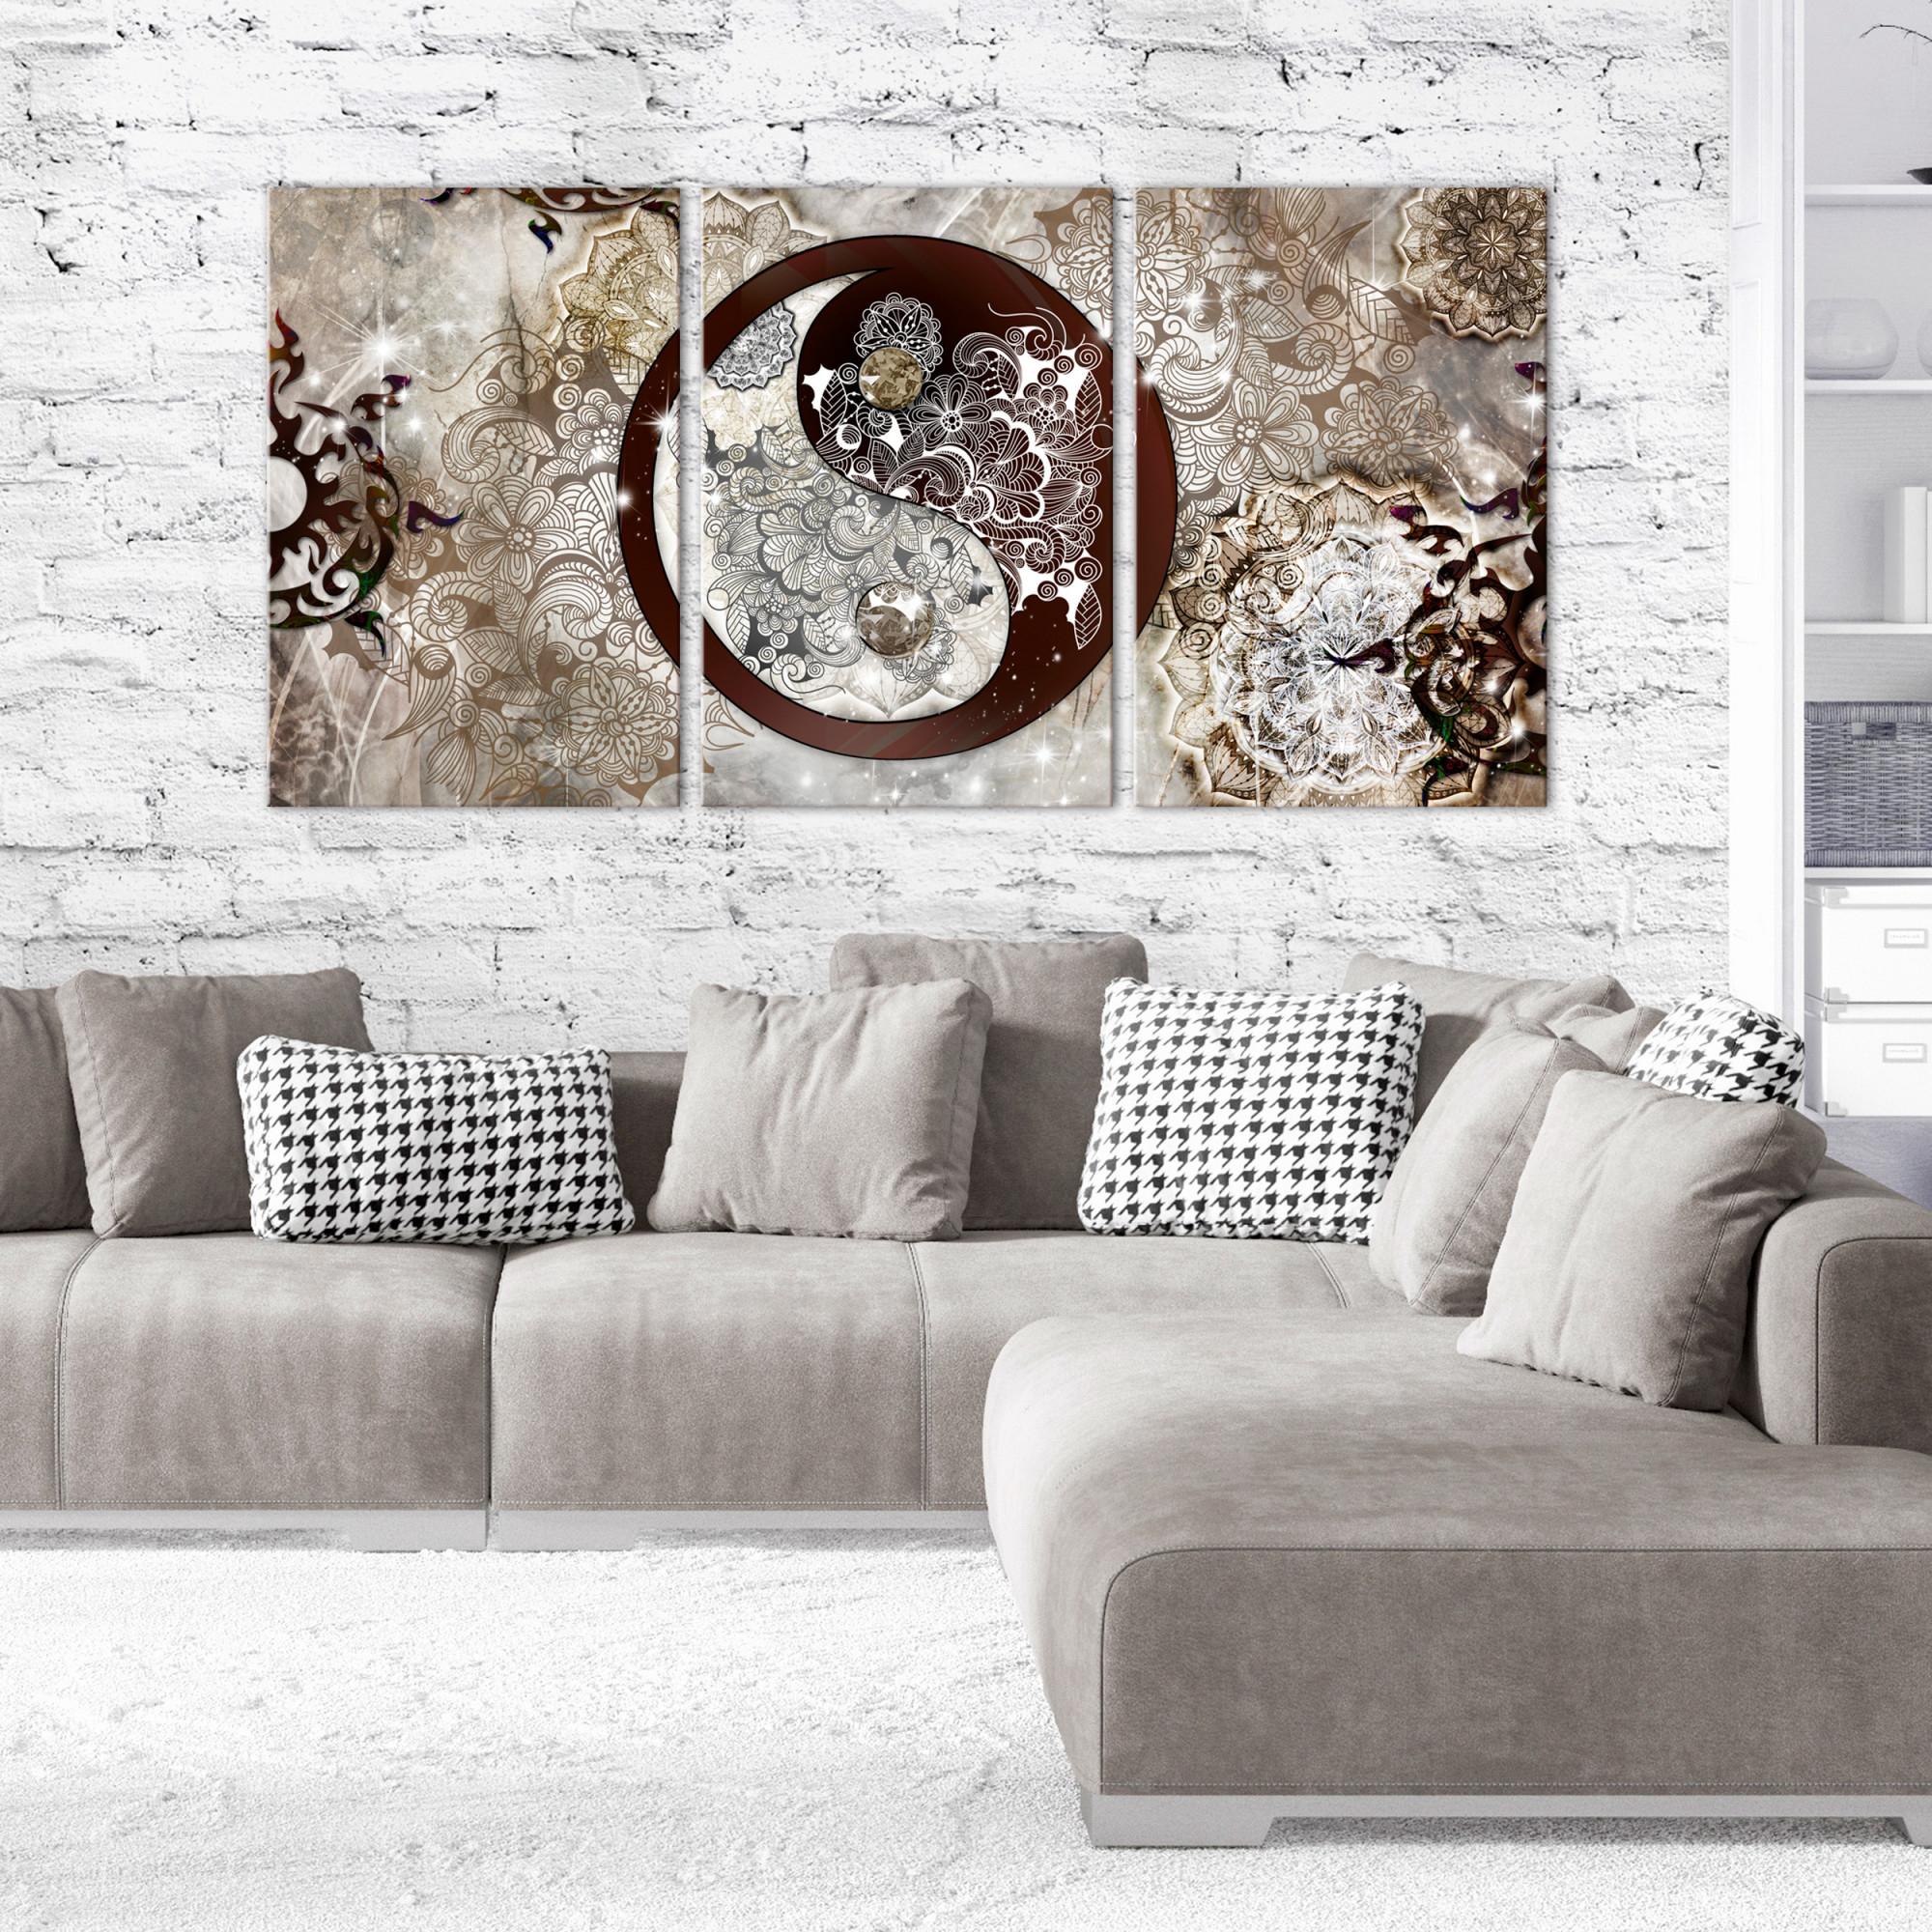 Details Zu Zen Abstrakt Leinwand Bilder Bild Wandbilder Yin Yang Xxl  Wohnzimmer Mehrteilig von Wohnzimmer Bilder Mehrteilig Photo